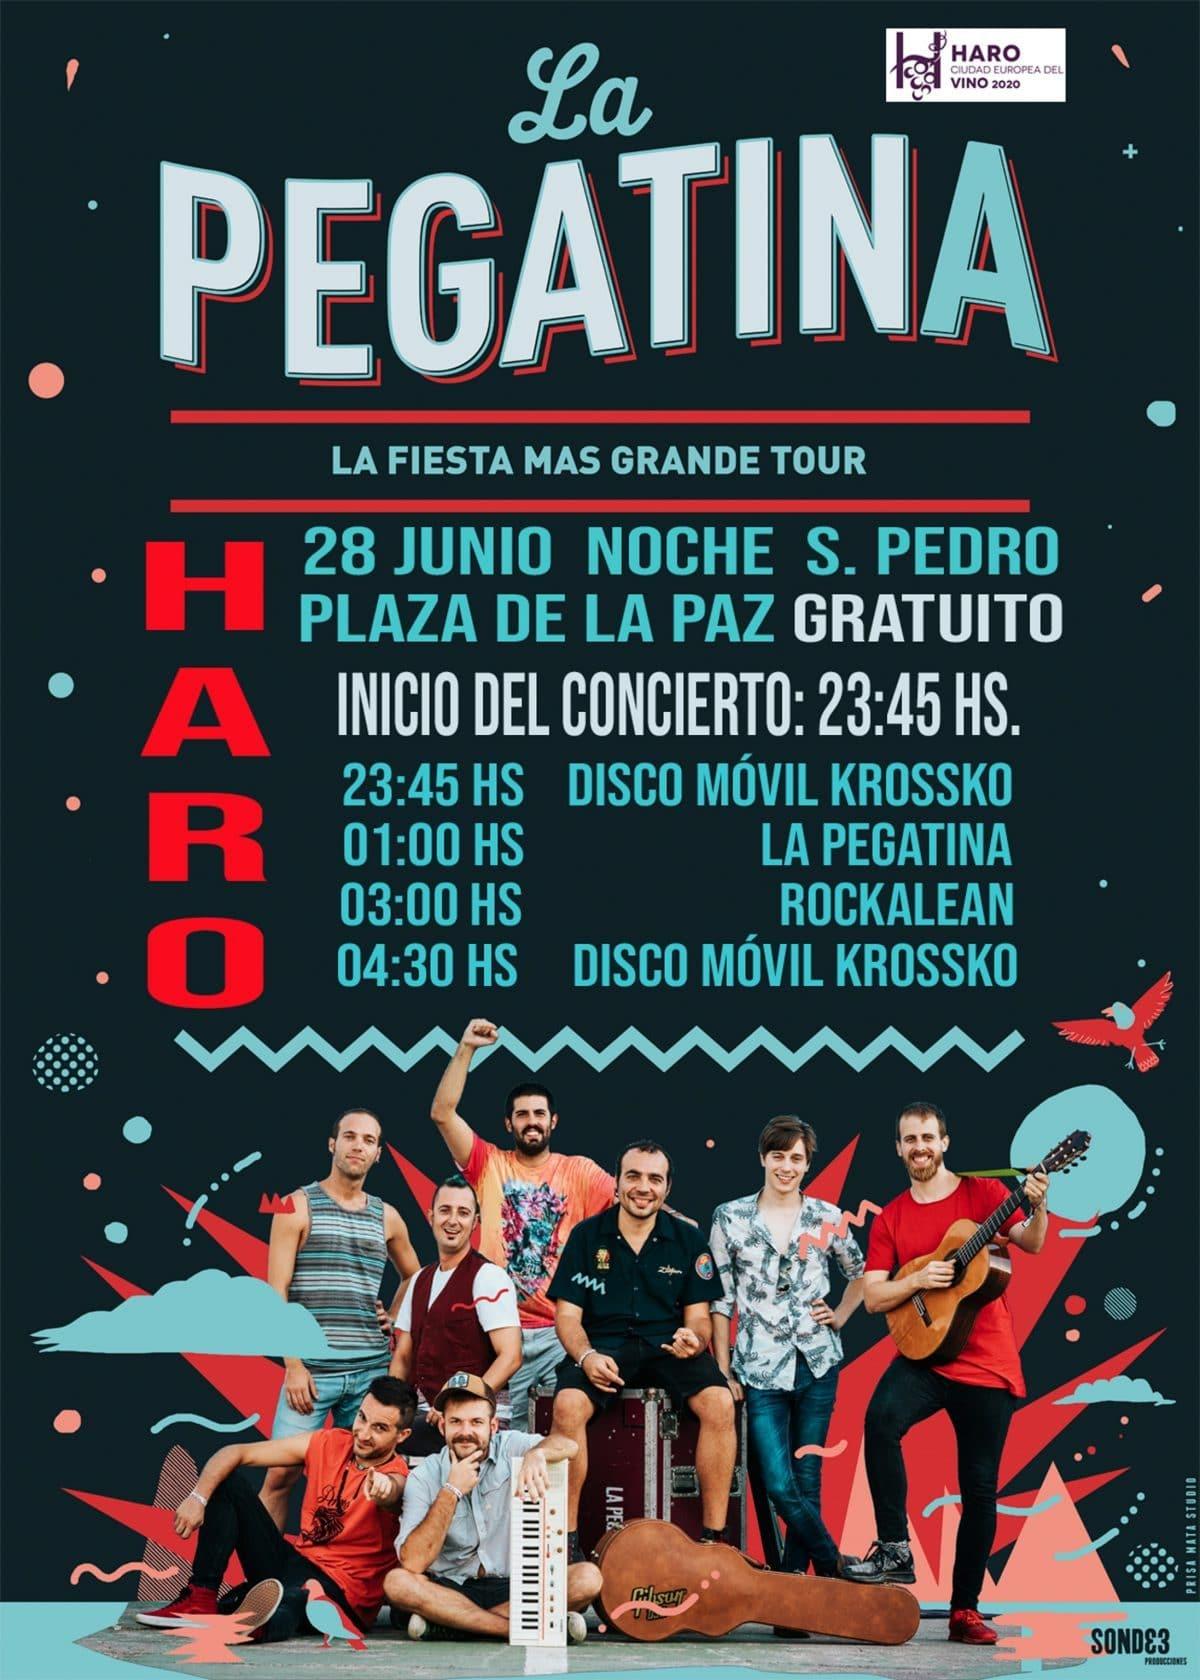 'La Pegatina', concierto estelar de las fiestas de junio en Haro 2